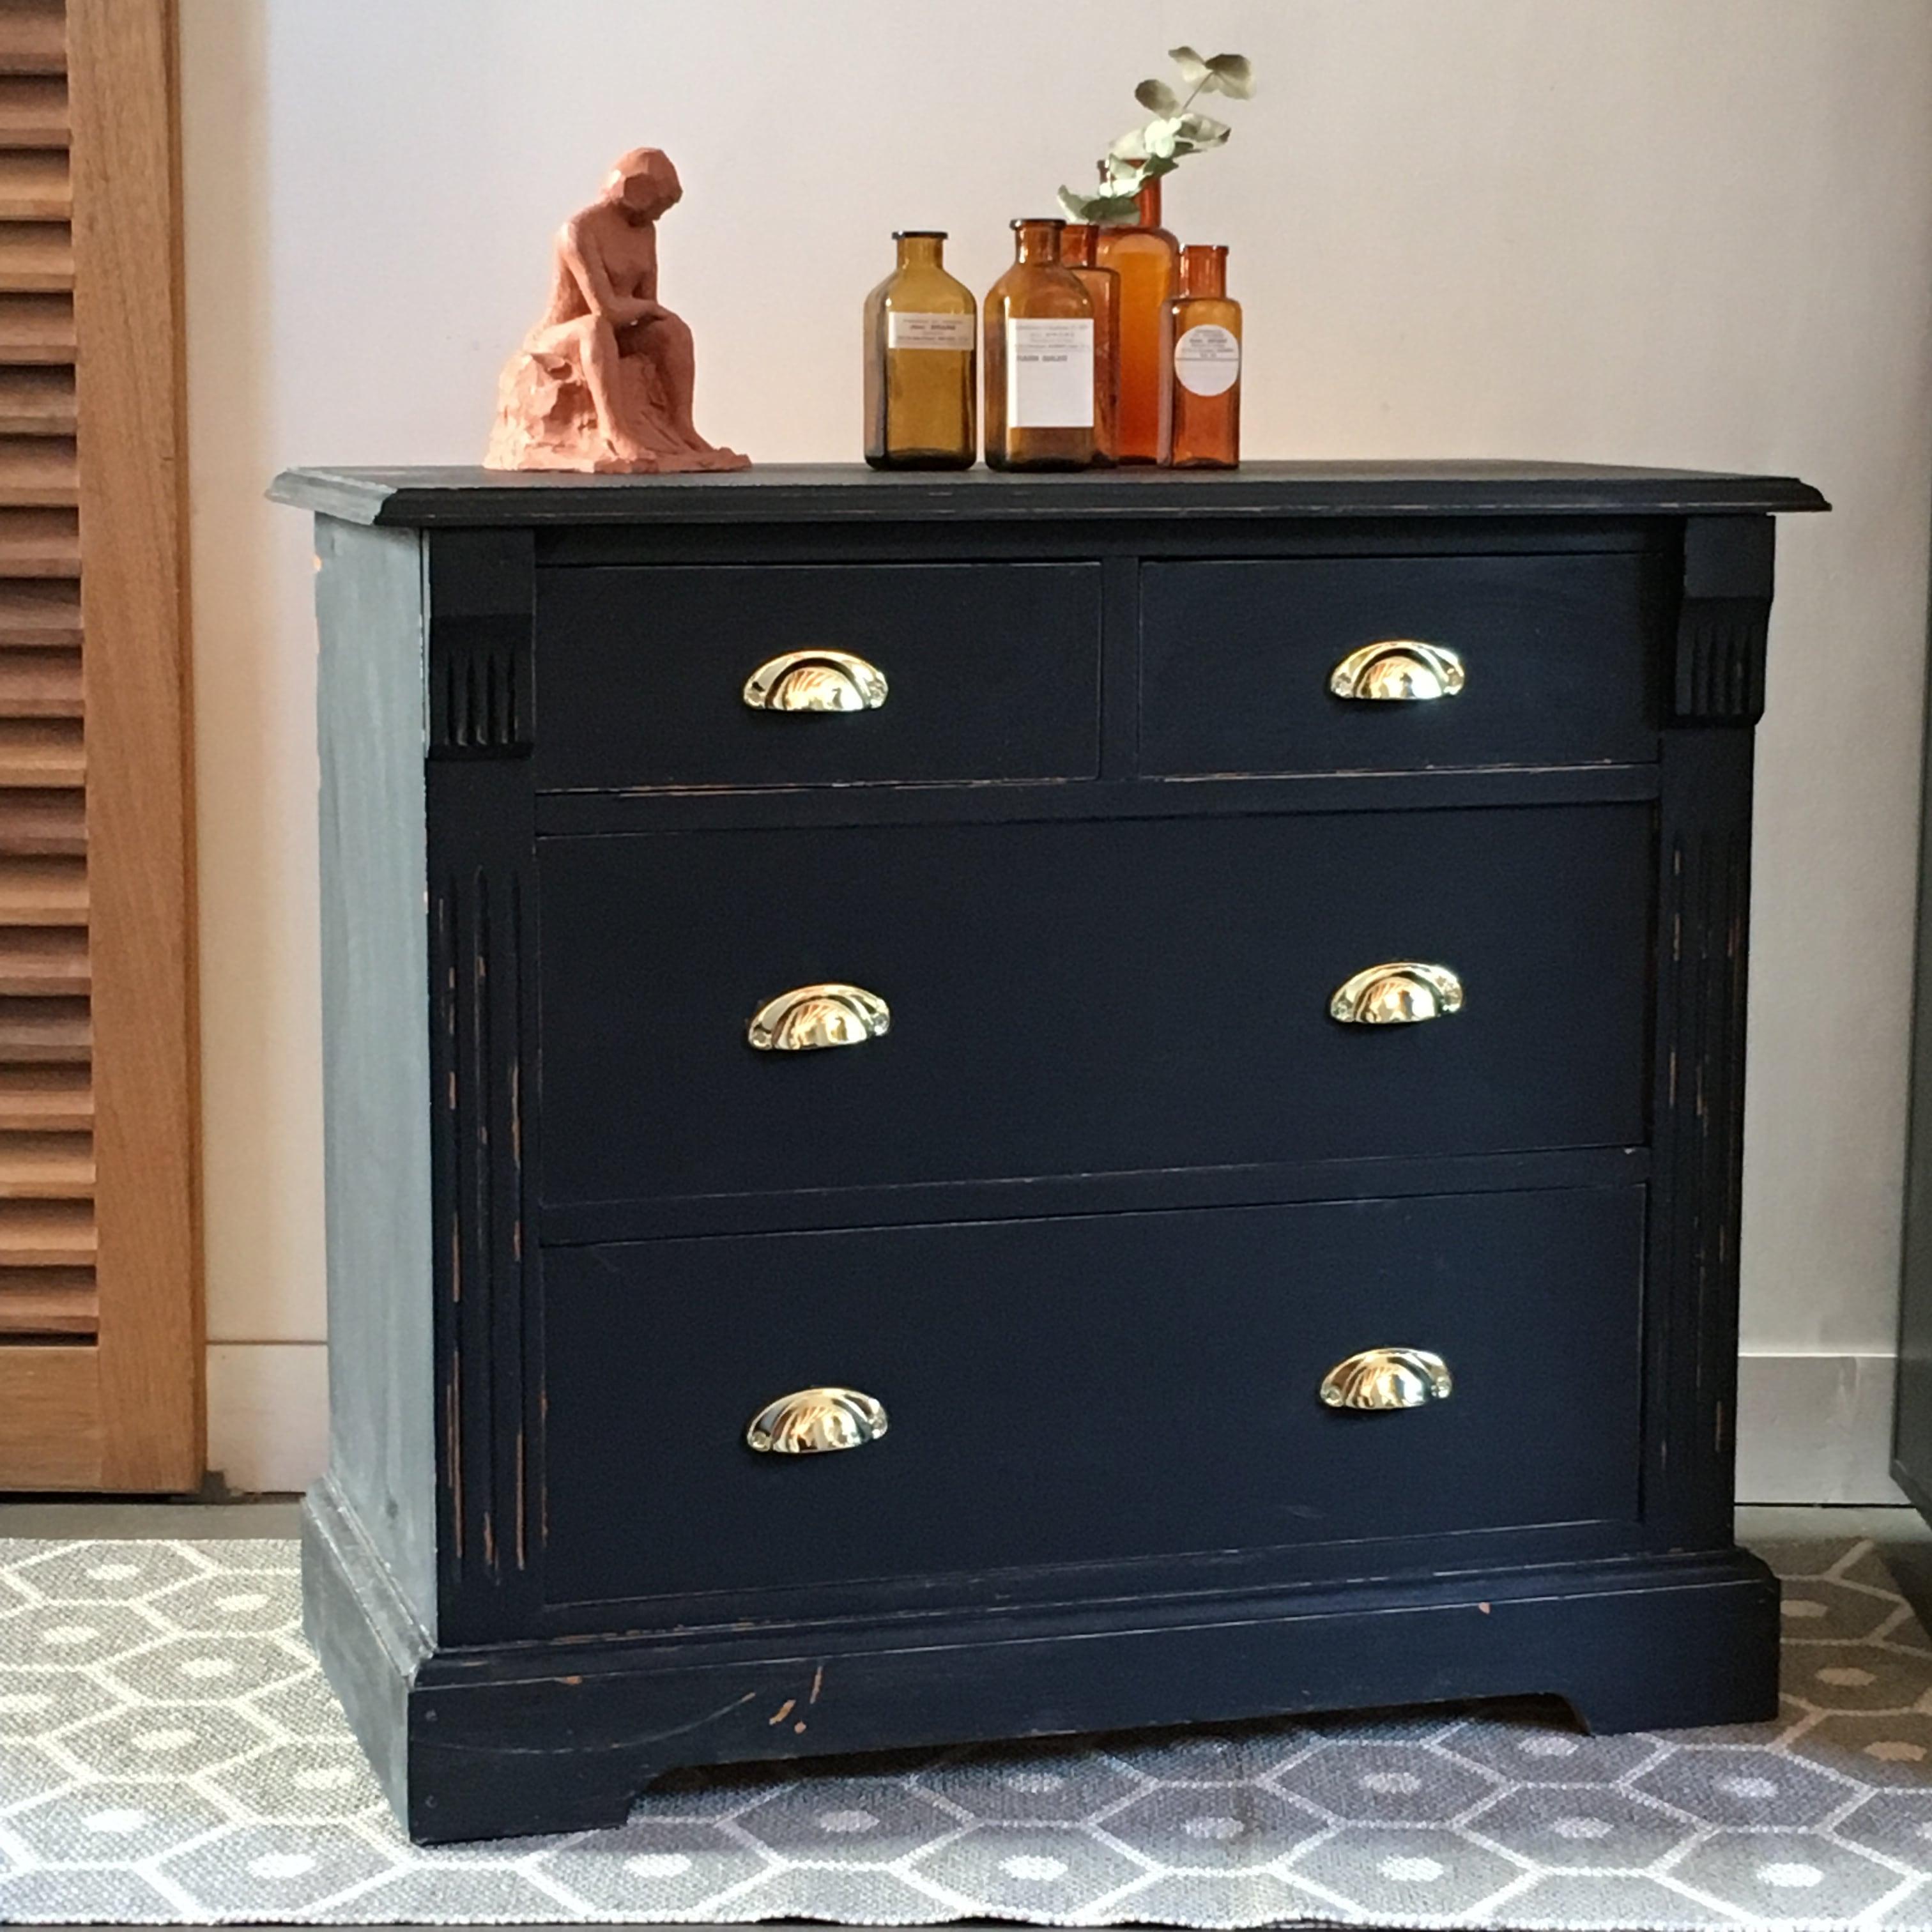 petite commode noire lignedebrocante brocante en ligne chine pour vous meubles vintage et. Black Bedroom Furniture Sets. Home Design Ideas